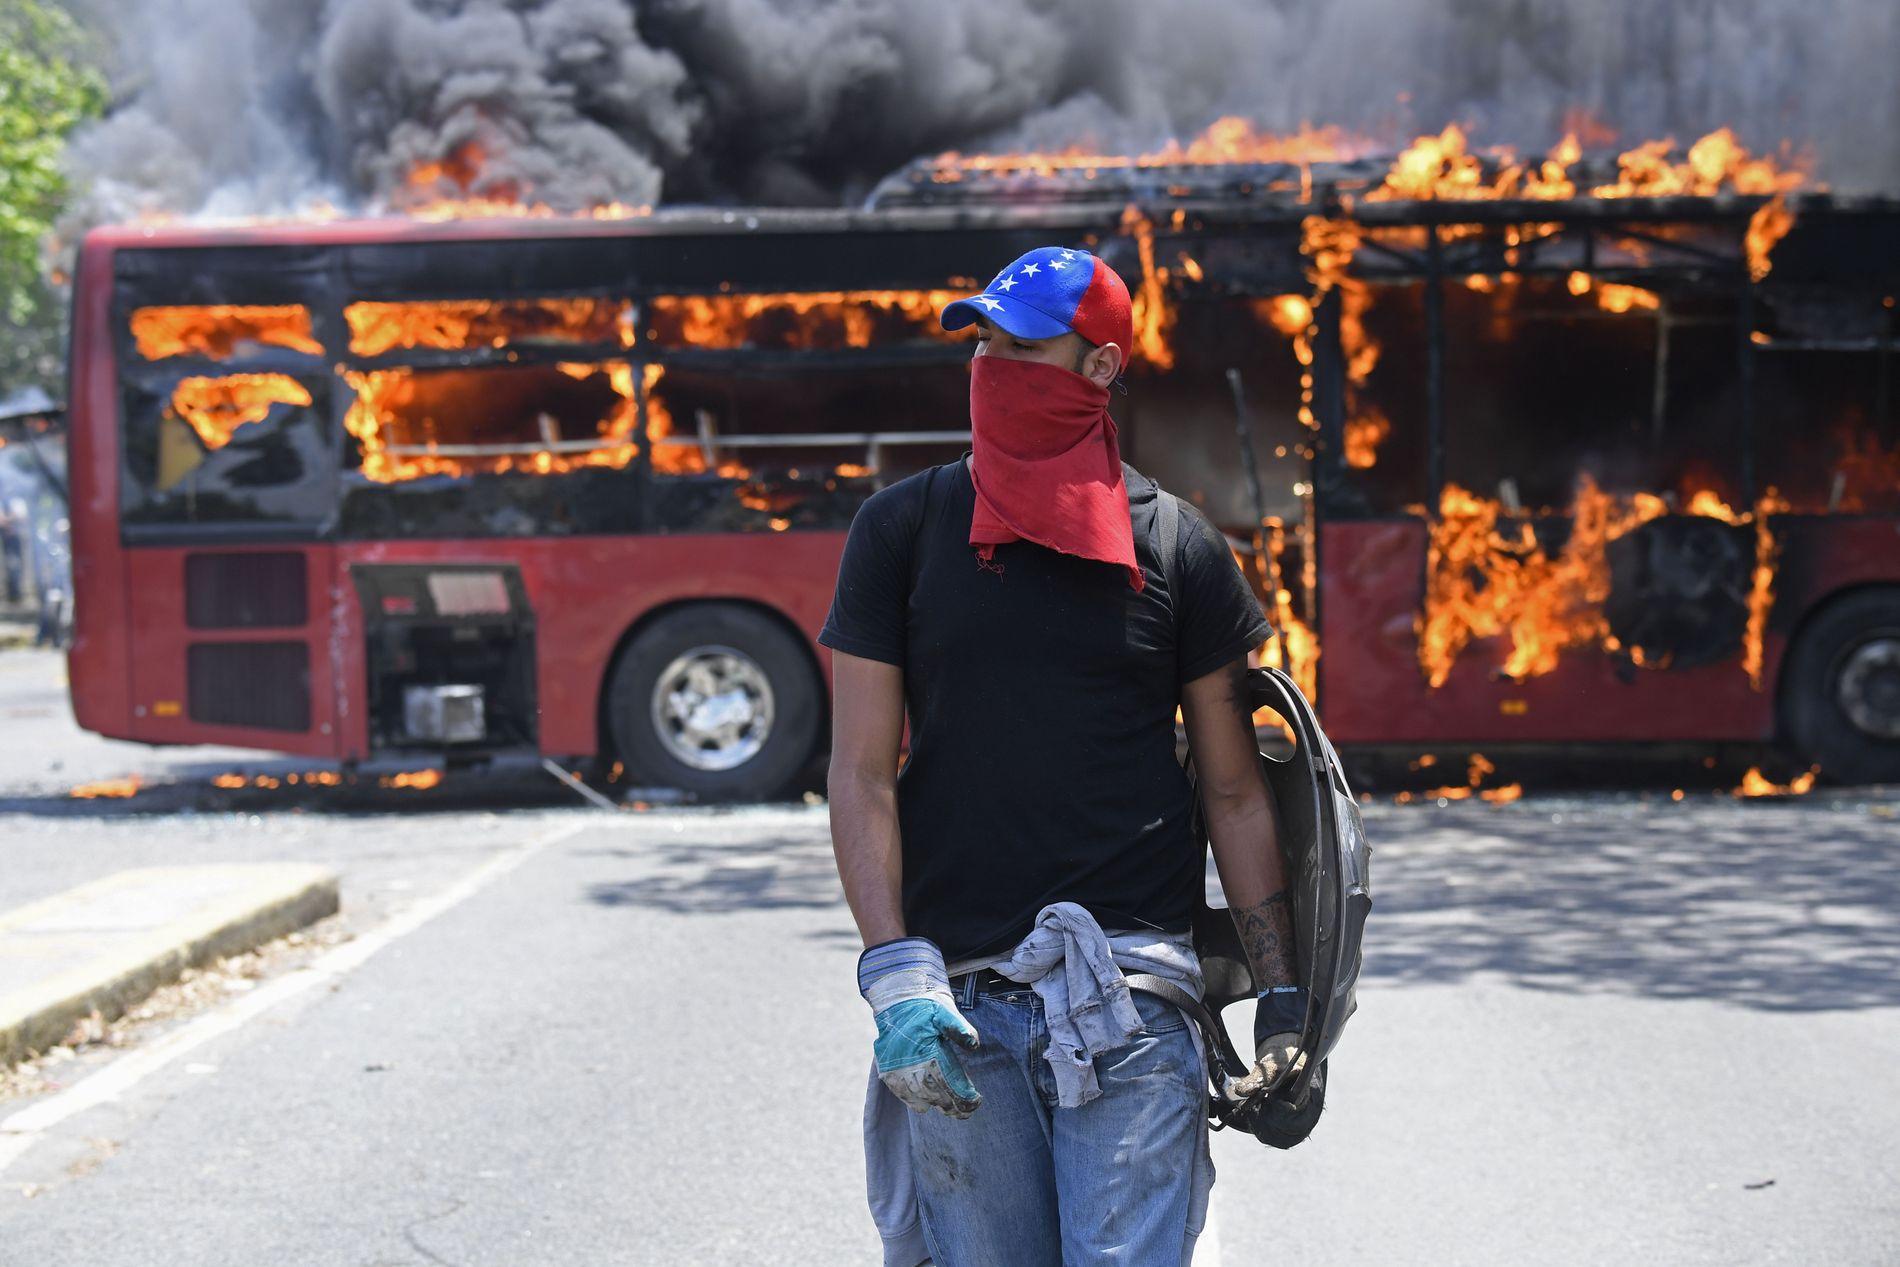 OPPTØYER: Tusenvis av demonstranter tok tirsdag til gatene, hvor de blant annet ble møtt av tåregass og gummikuler.